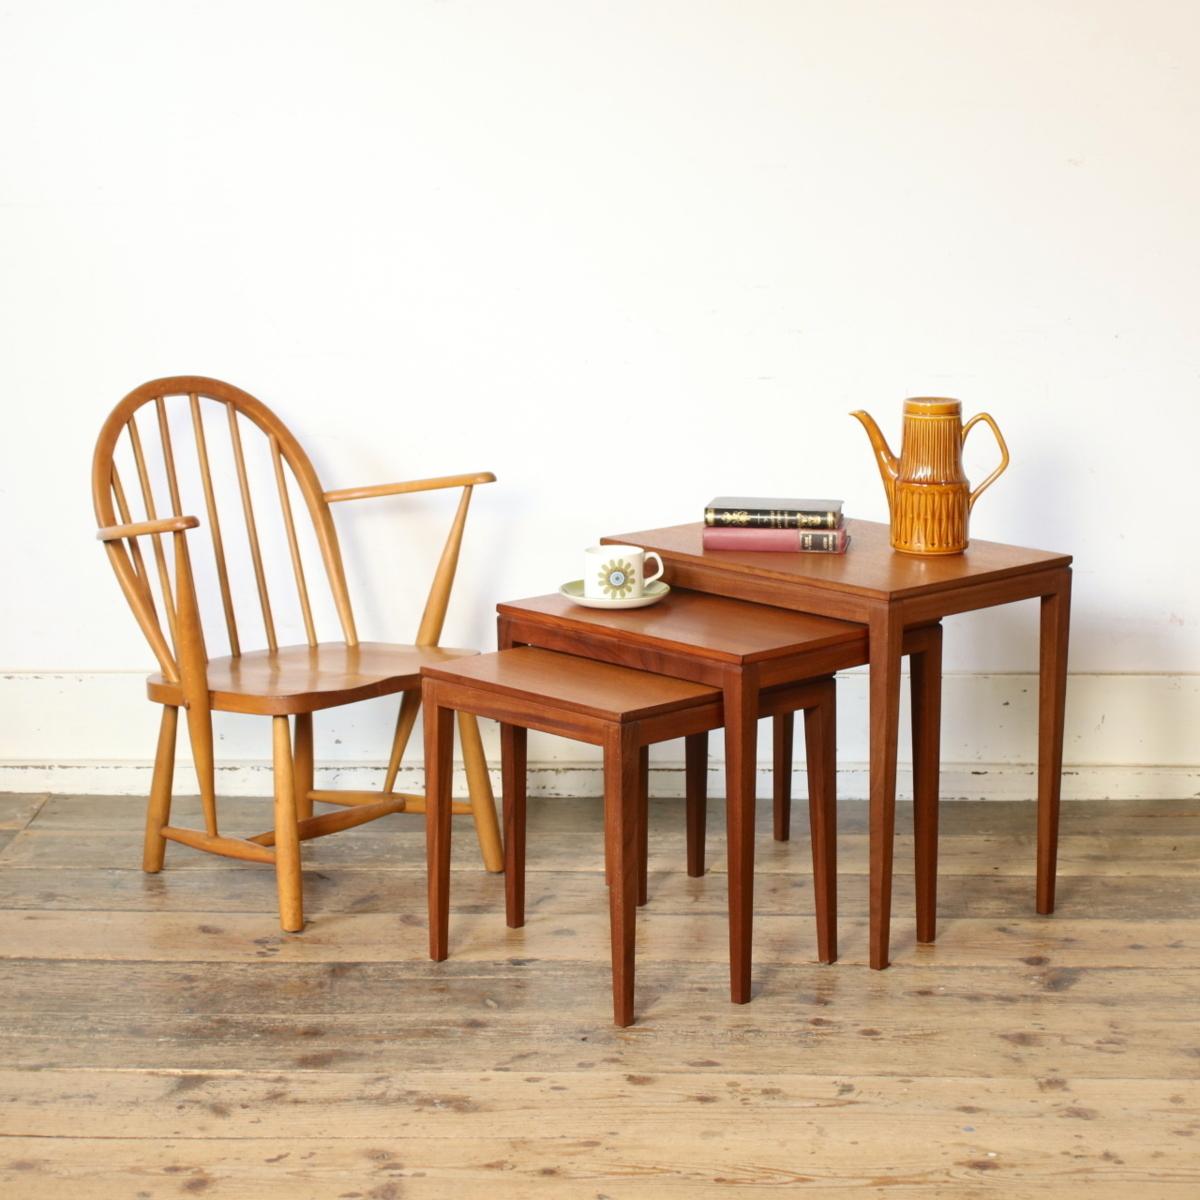 【メンテ済・美品】イギリス 1960's ビンテージ ネストテーブル/コーヒーテーブル センターテーブル アンティーク 北欧 英国 店舗什器